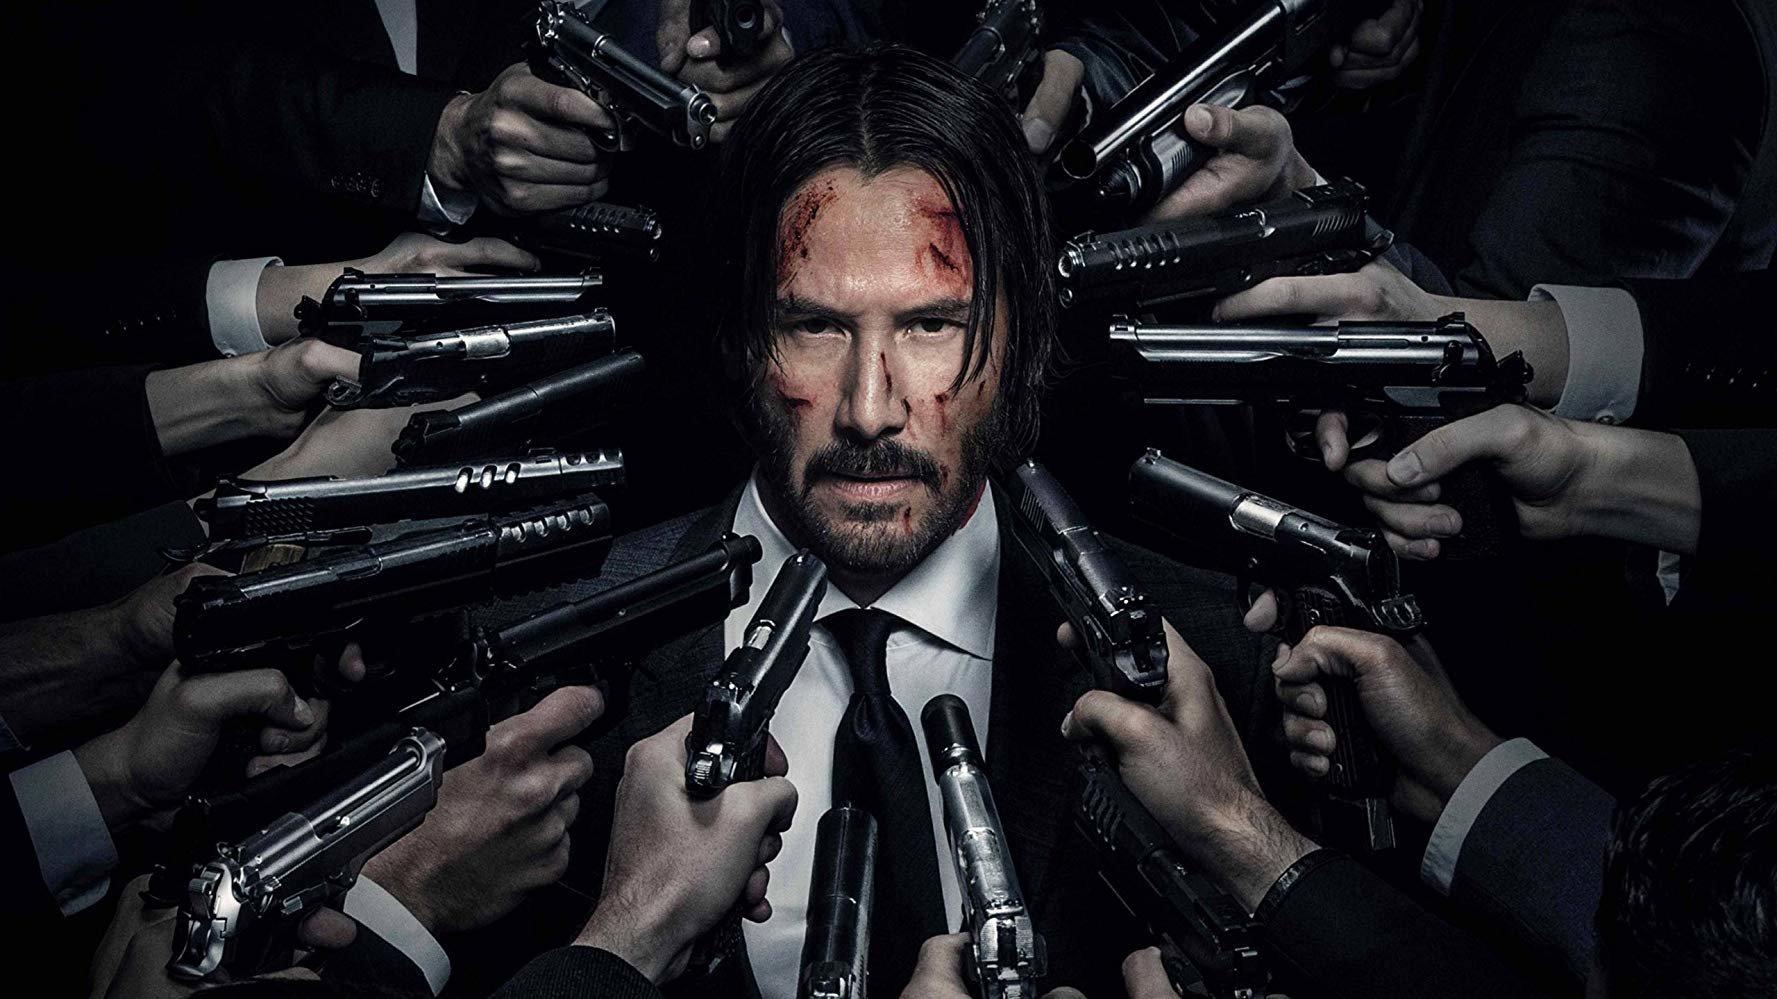 'John Wick 3': Keanu Reeves faz um divertido e alucinante vídeo para promover novo